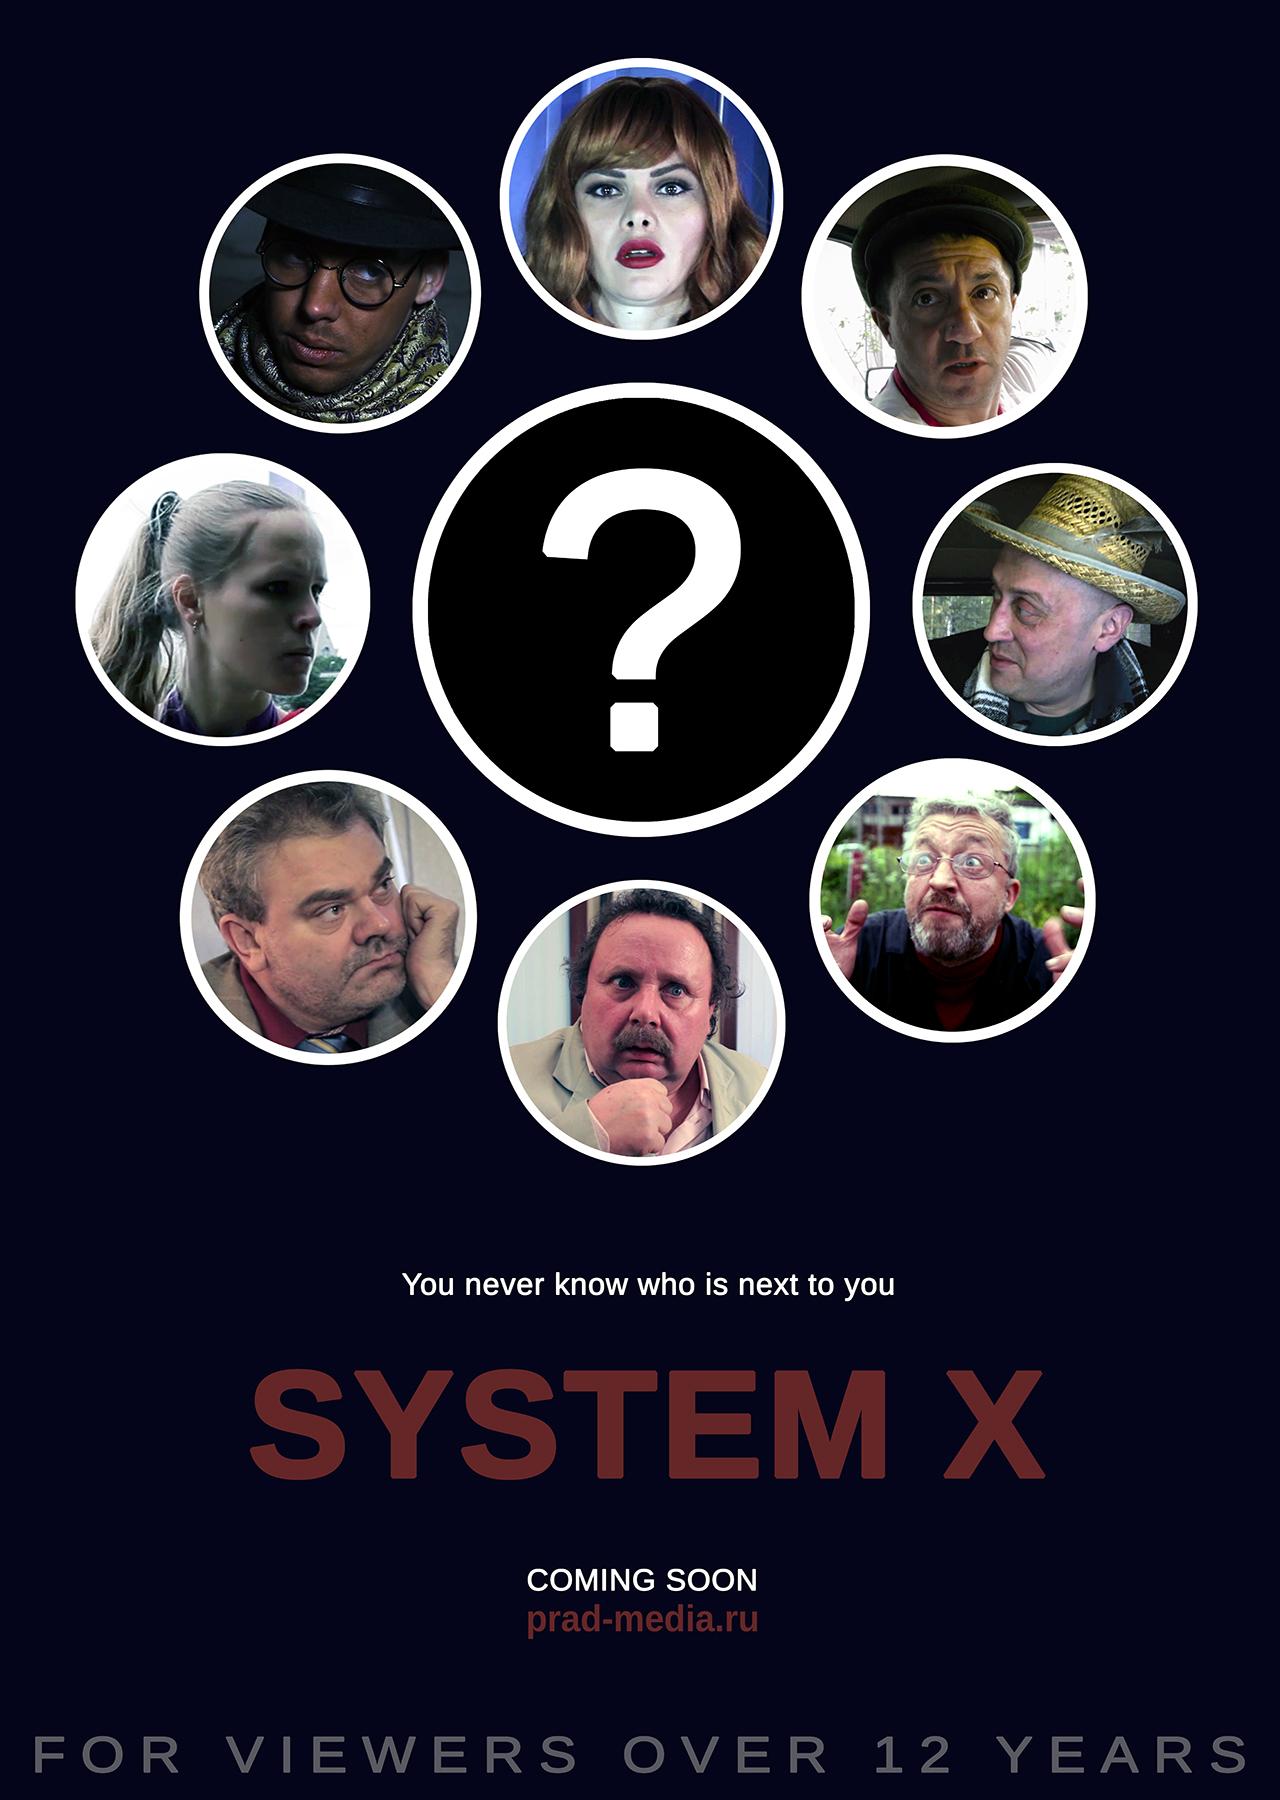 System x, comedy, film, serias, poster